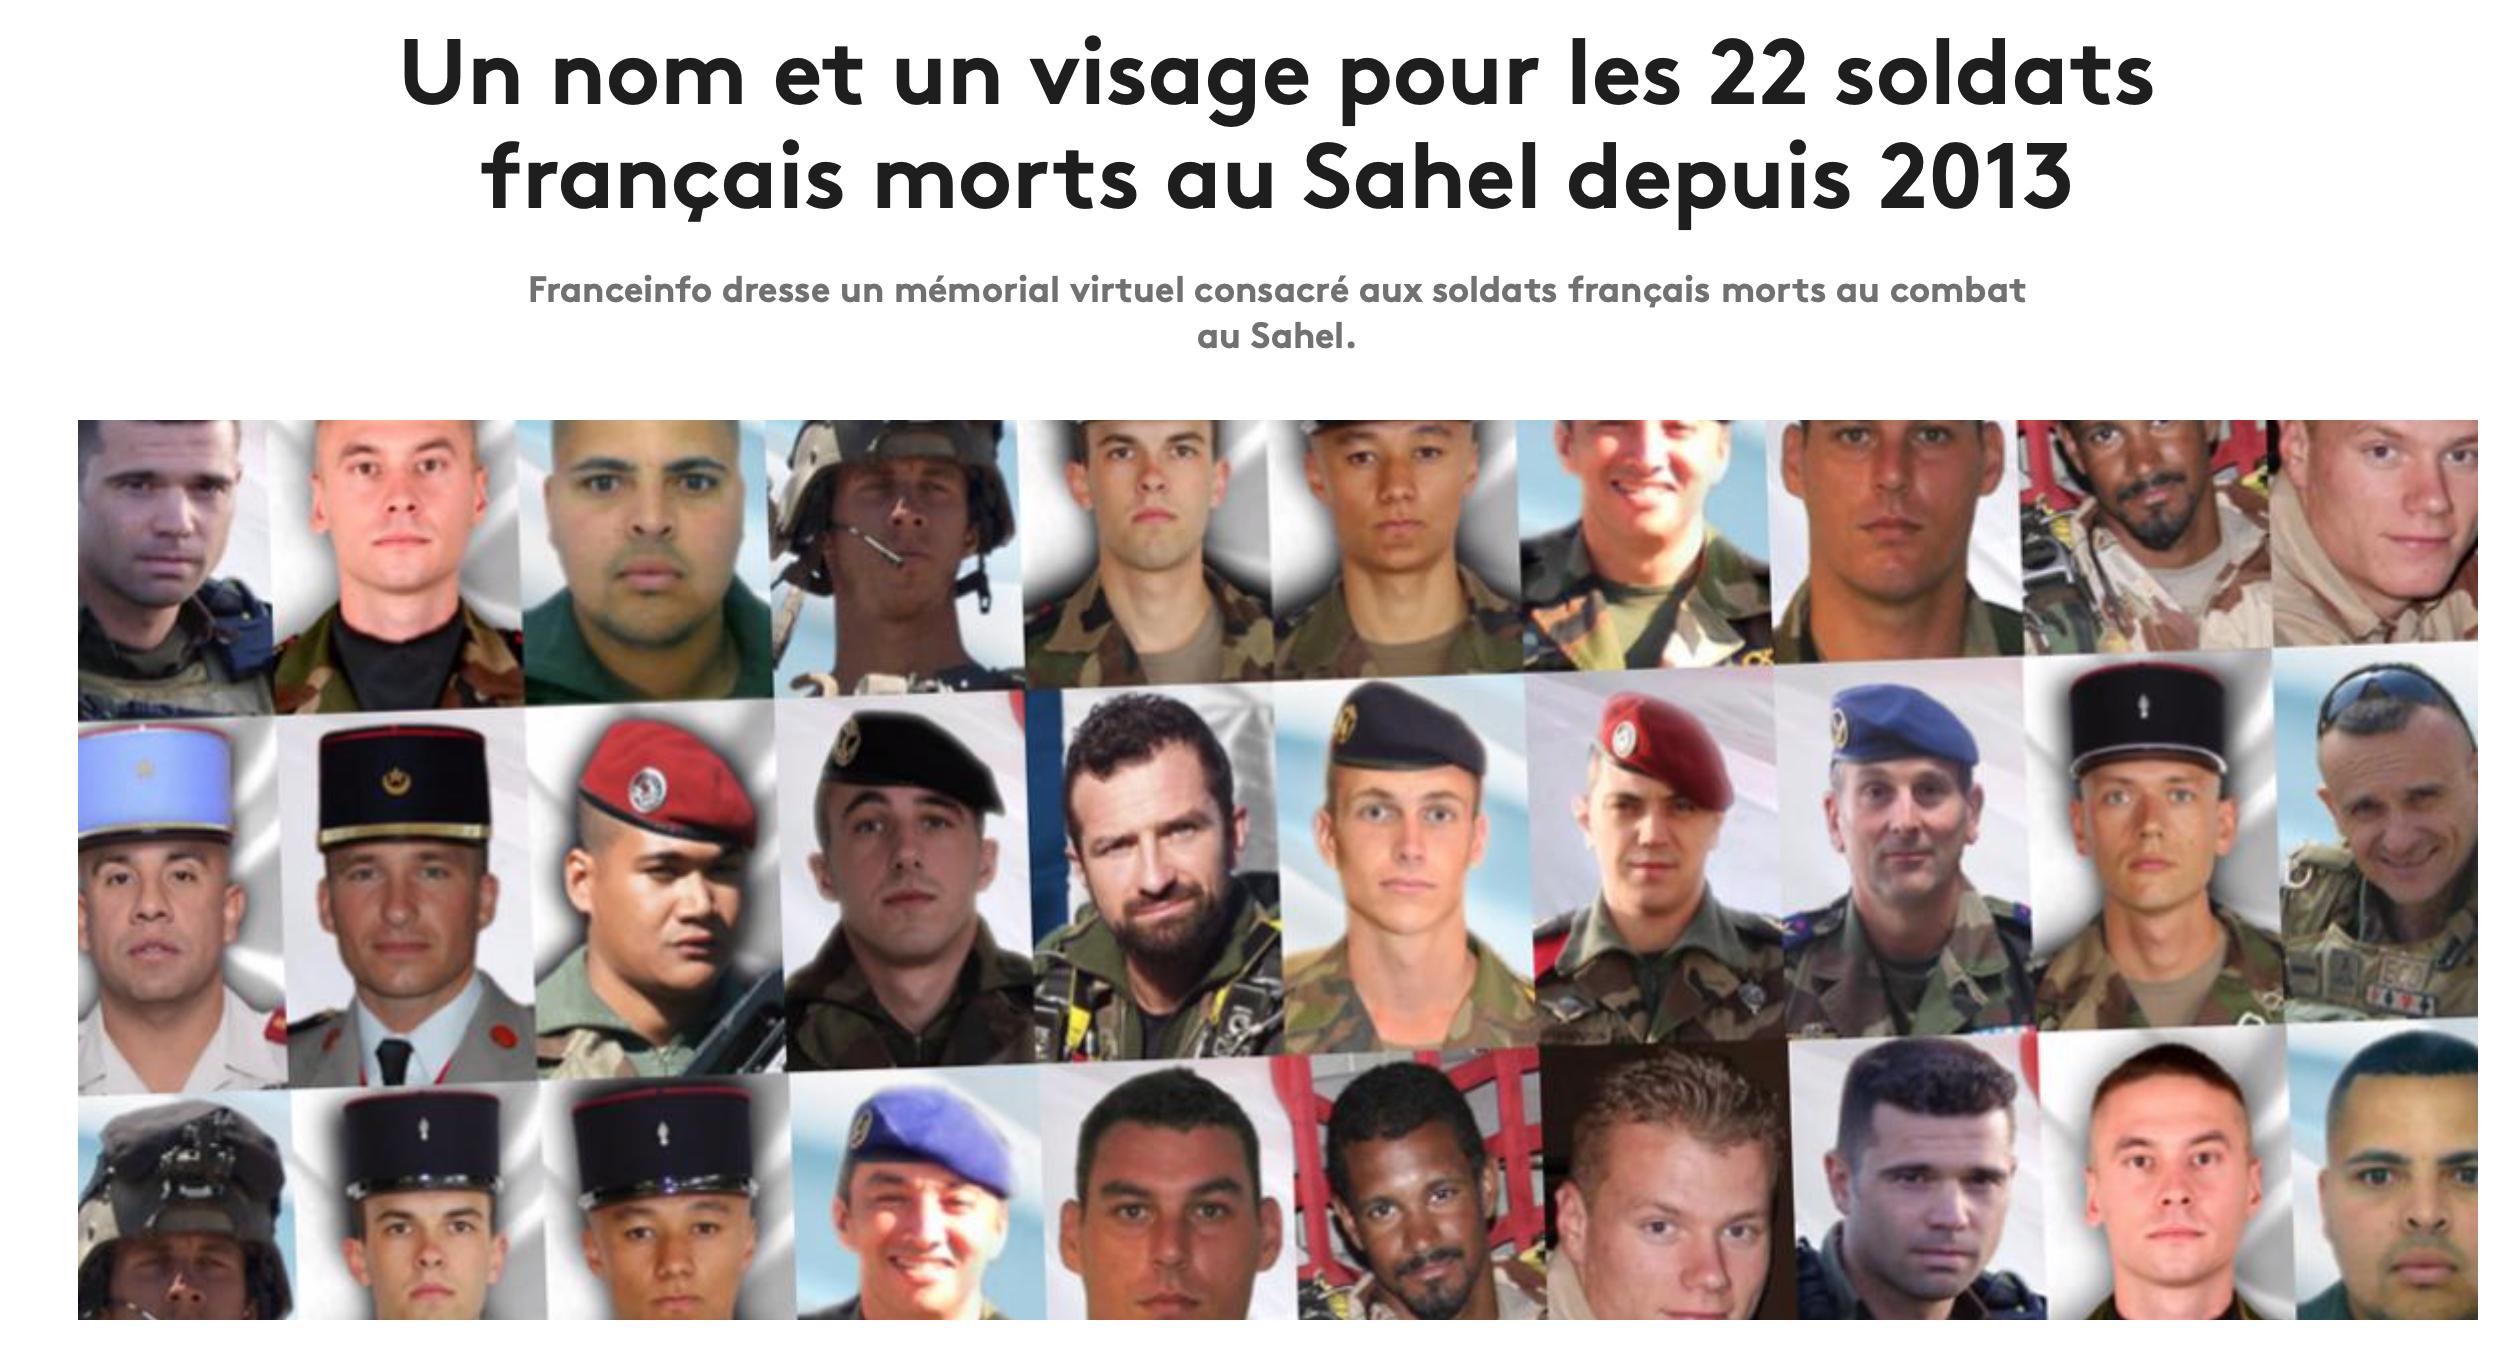 Sahel : ils veulent que les soldats français partent ?